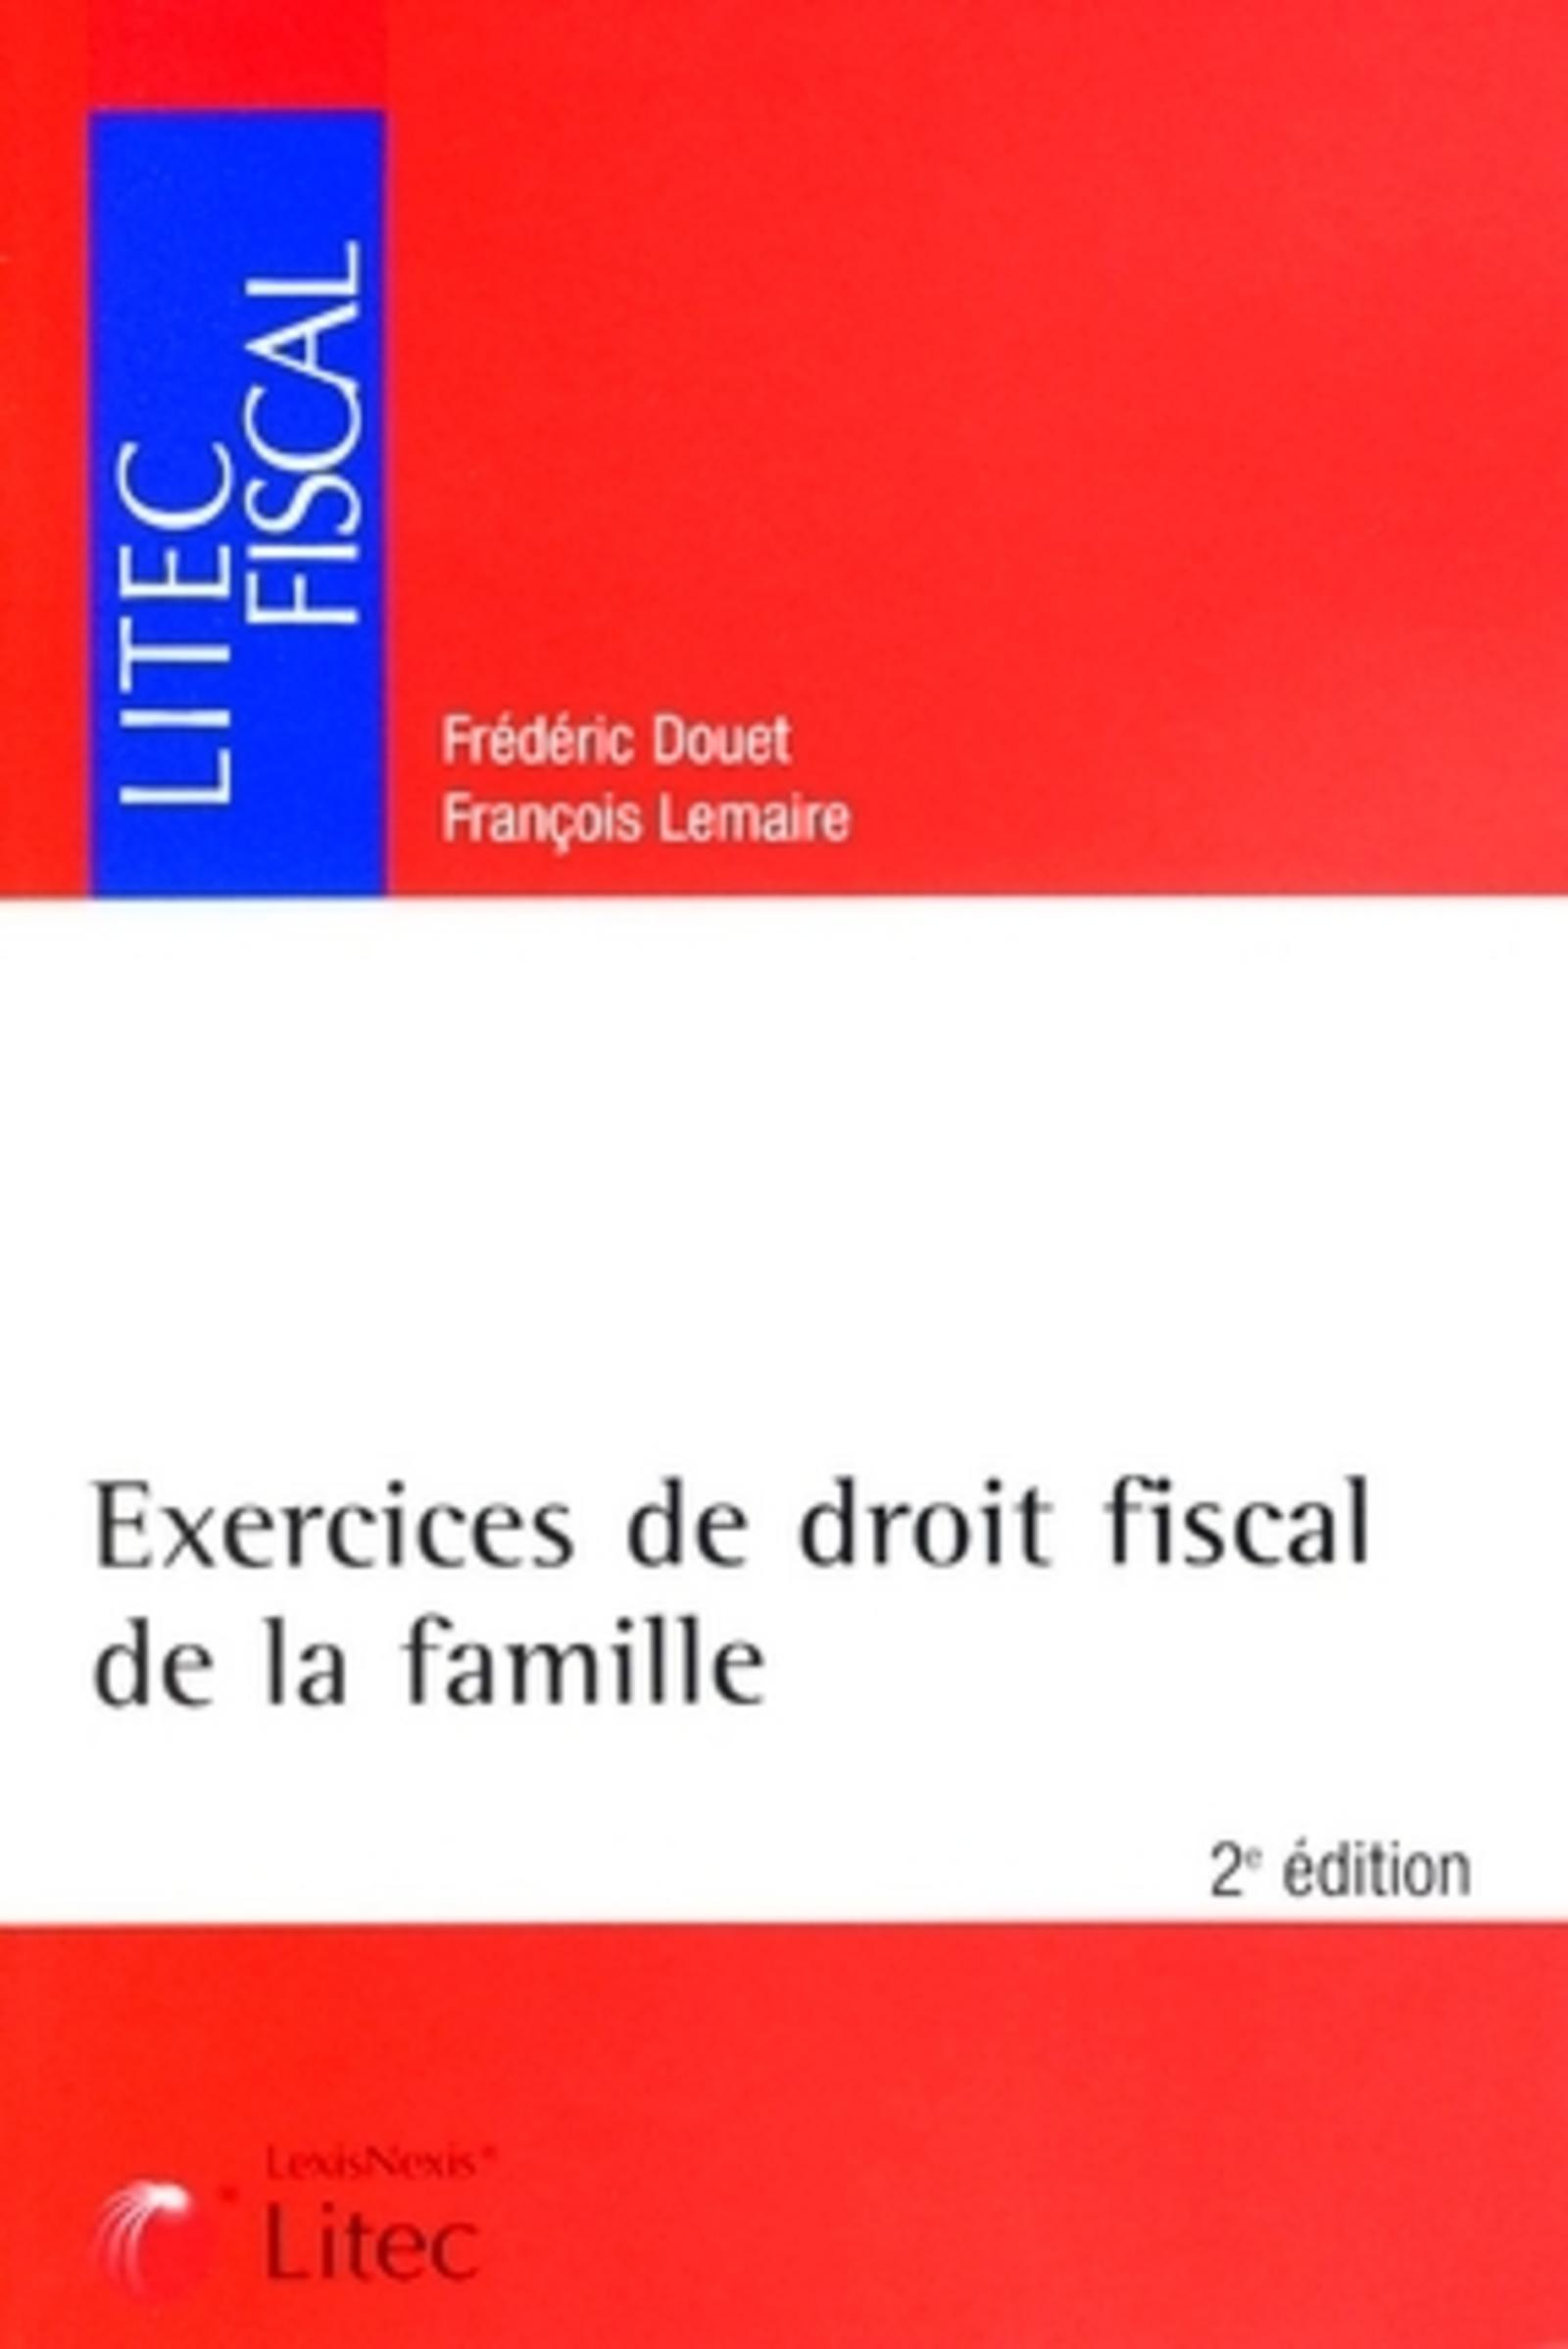 EXERCICES DE DROIT FISCAL DE LA FAMILLE 2E EDITION